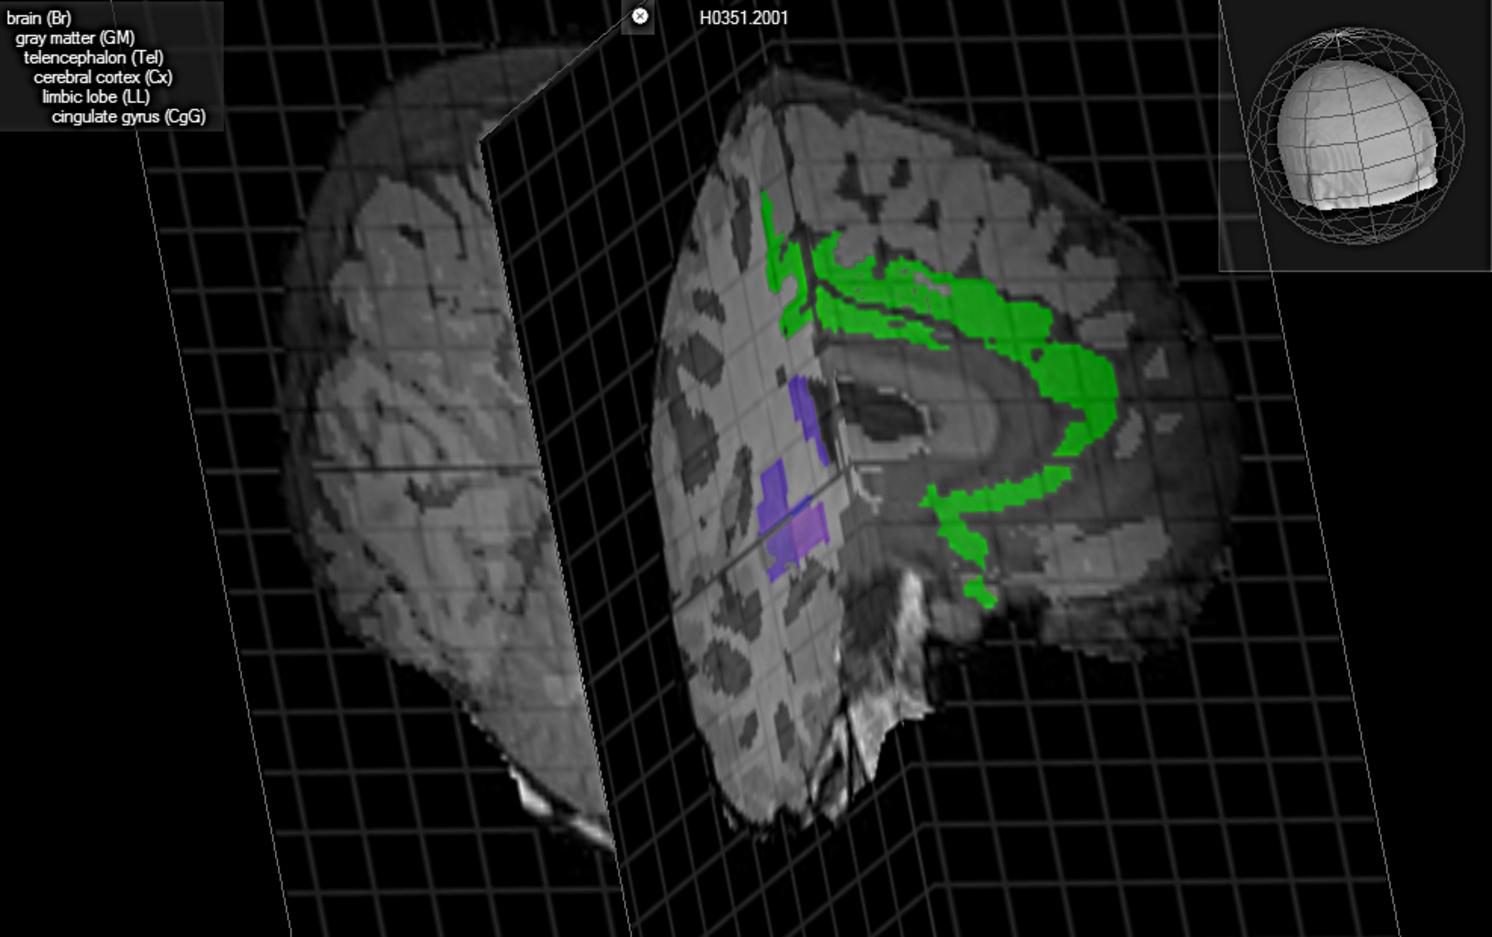 En esta representación del cerebro, aparece en azul la ubicación del claustrum, posible eslabón perdido de la consciencia. Brain Explorer, Allen Institute for Brain Science.